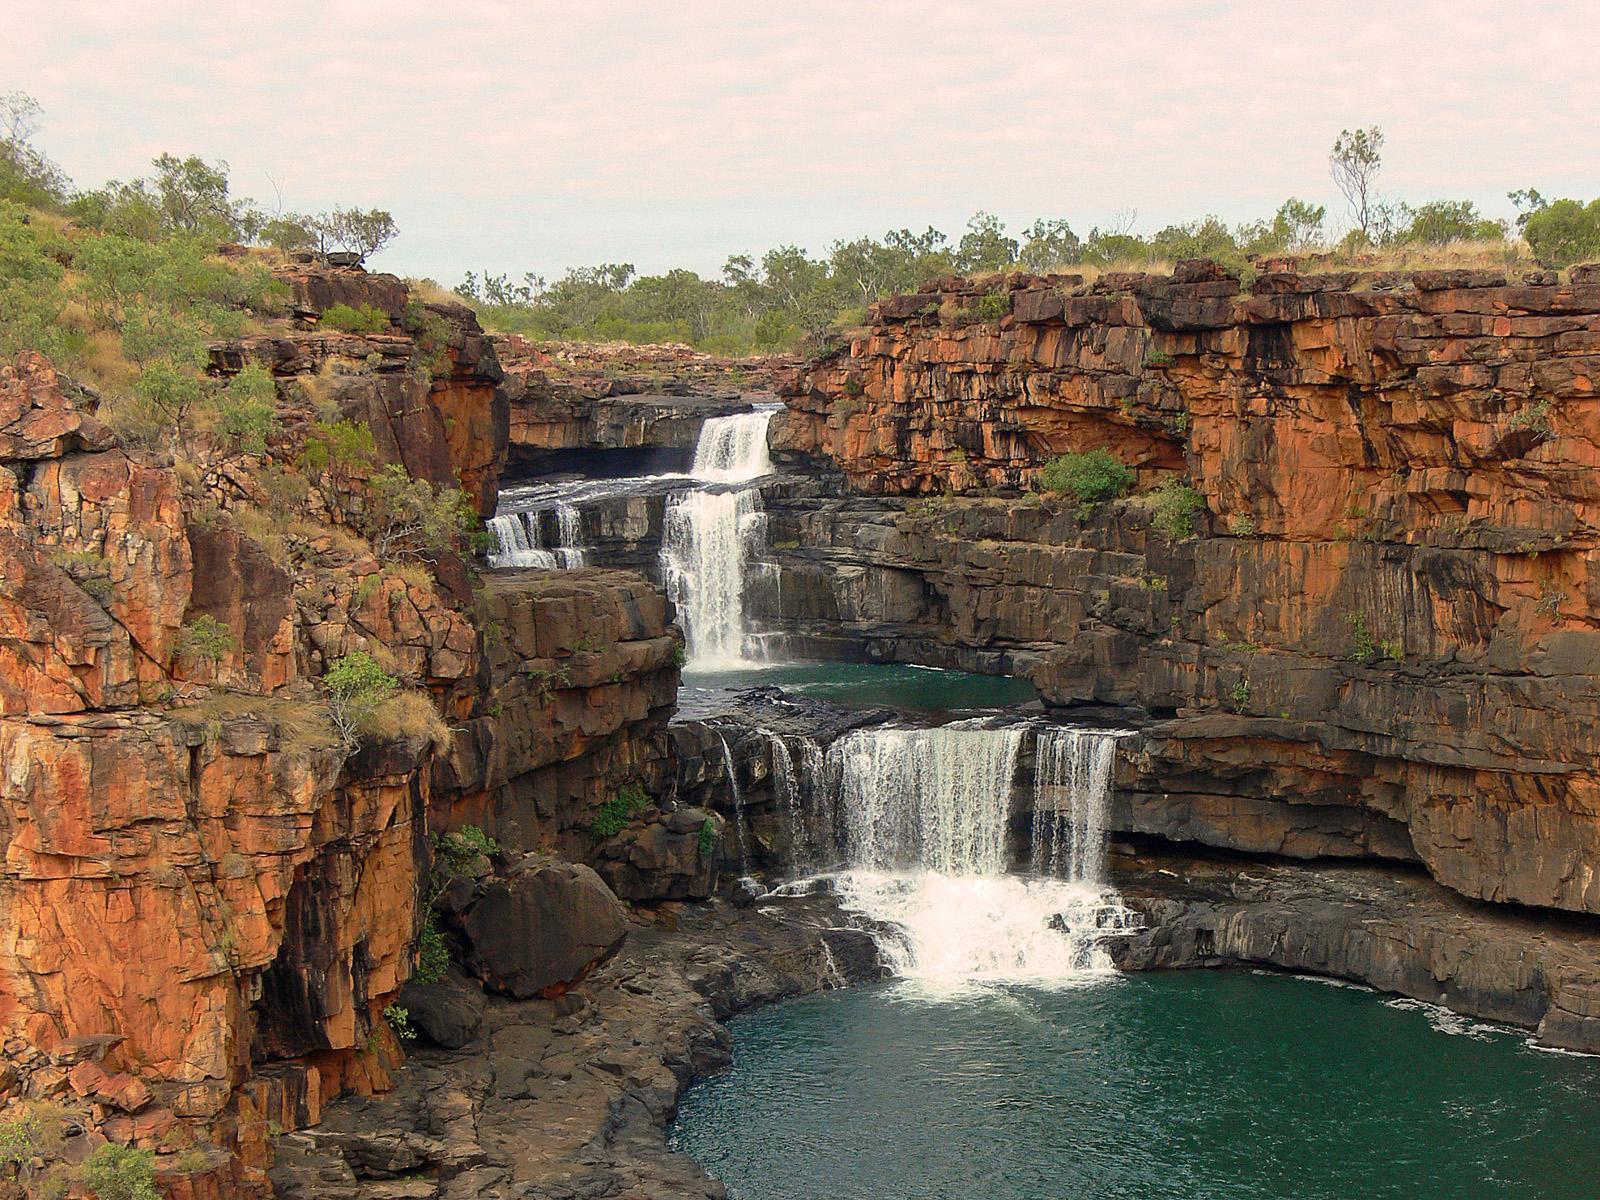 Несмотря на свою удалённость, водопад точно стоит того, чтобы его посетить